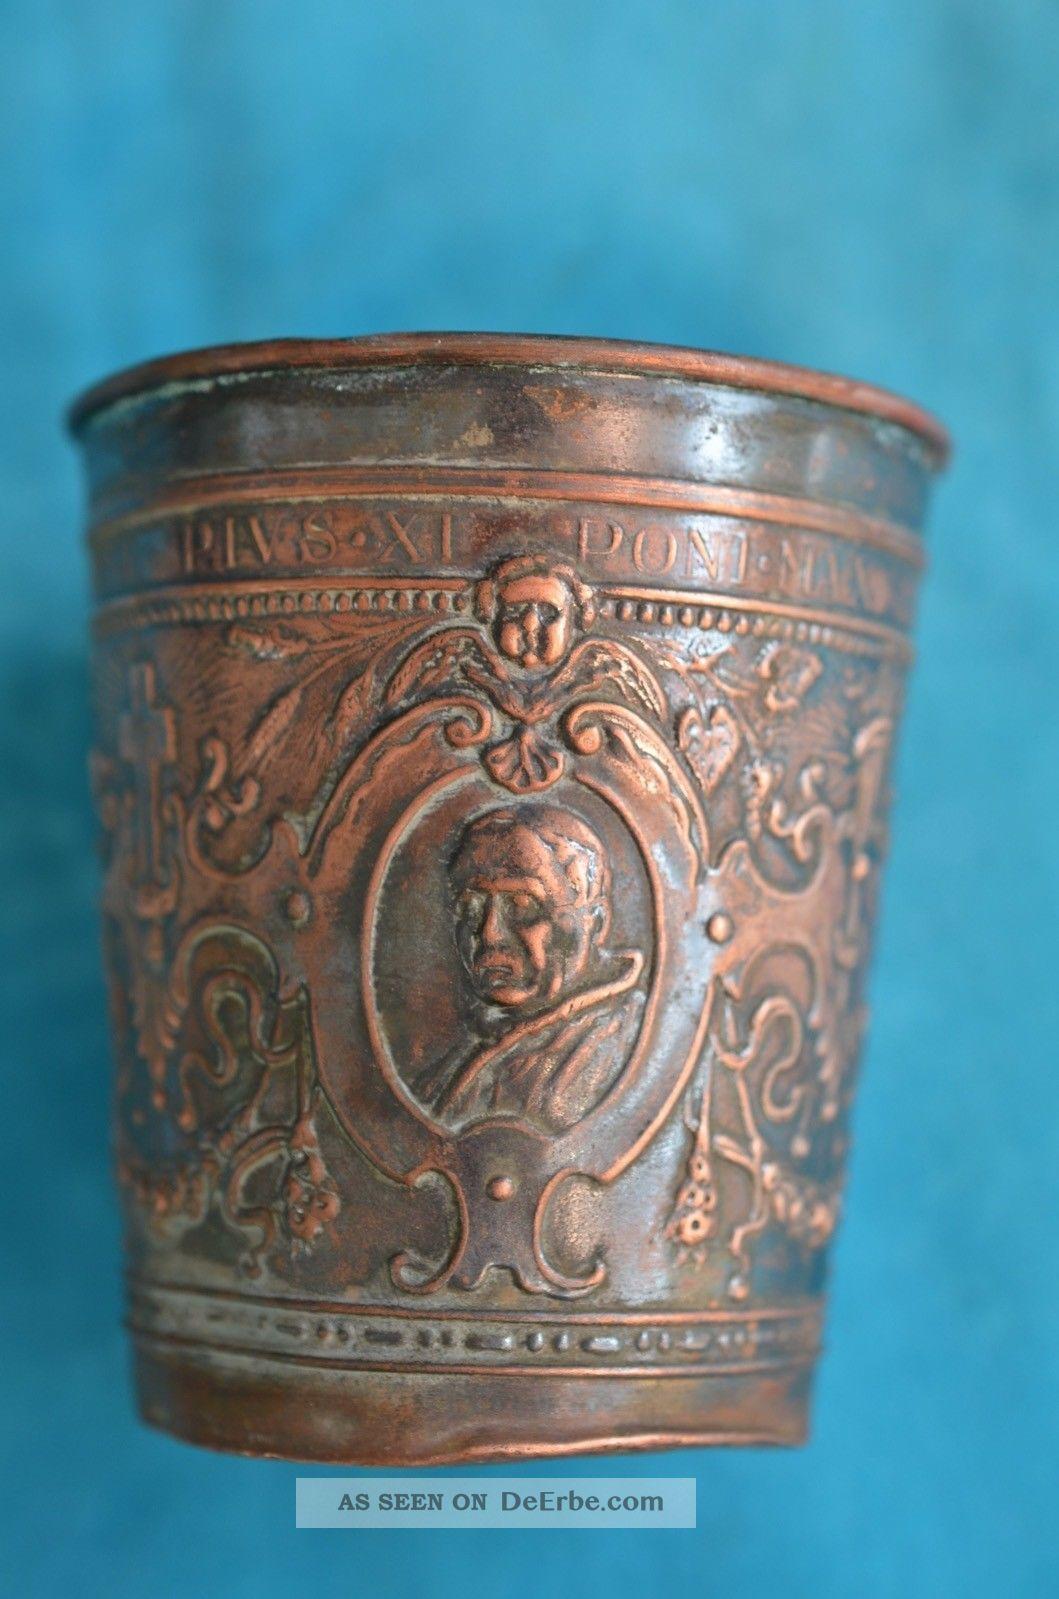 Alter Antiker Taufbecher Kirchenbecher Mit Bildnis Pius Xi Poni Max 1925 Kirchliches Gerät & Inventar Bild